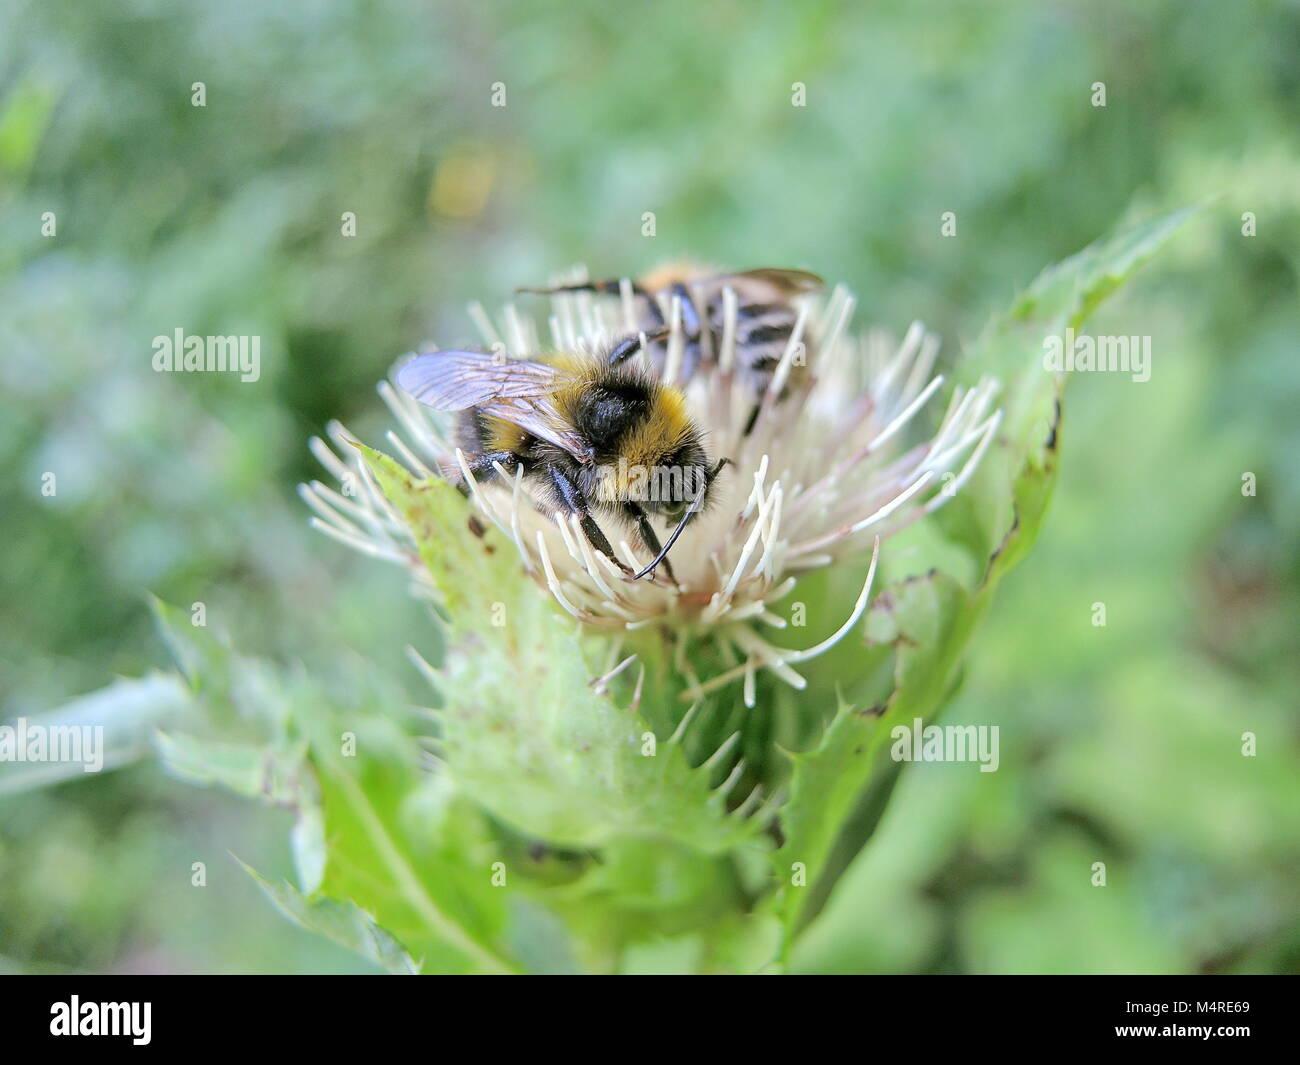 Wild bees 4 - Stock Image